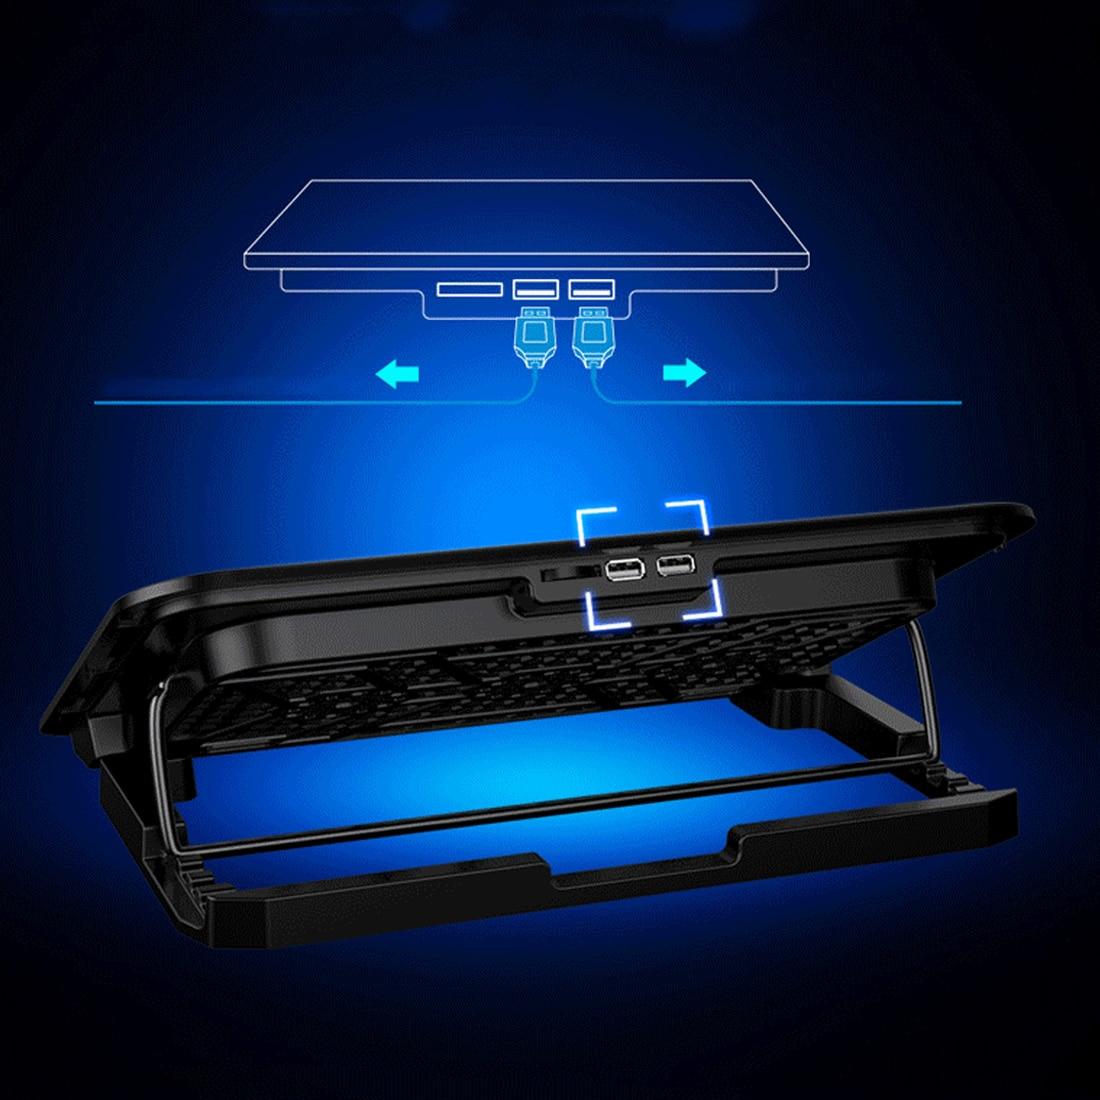 NOYOKERE ordinateur portable tapis de refroidissement LED refroidisseur d'ordinateur portable 14-15.6 pouces 6 ventilateur de refroidissement support plaque muet refroidisseur pour processeur - 6